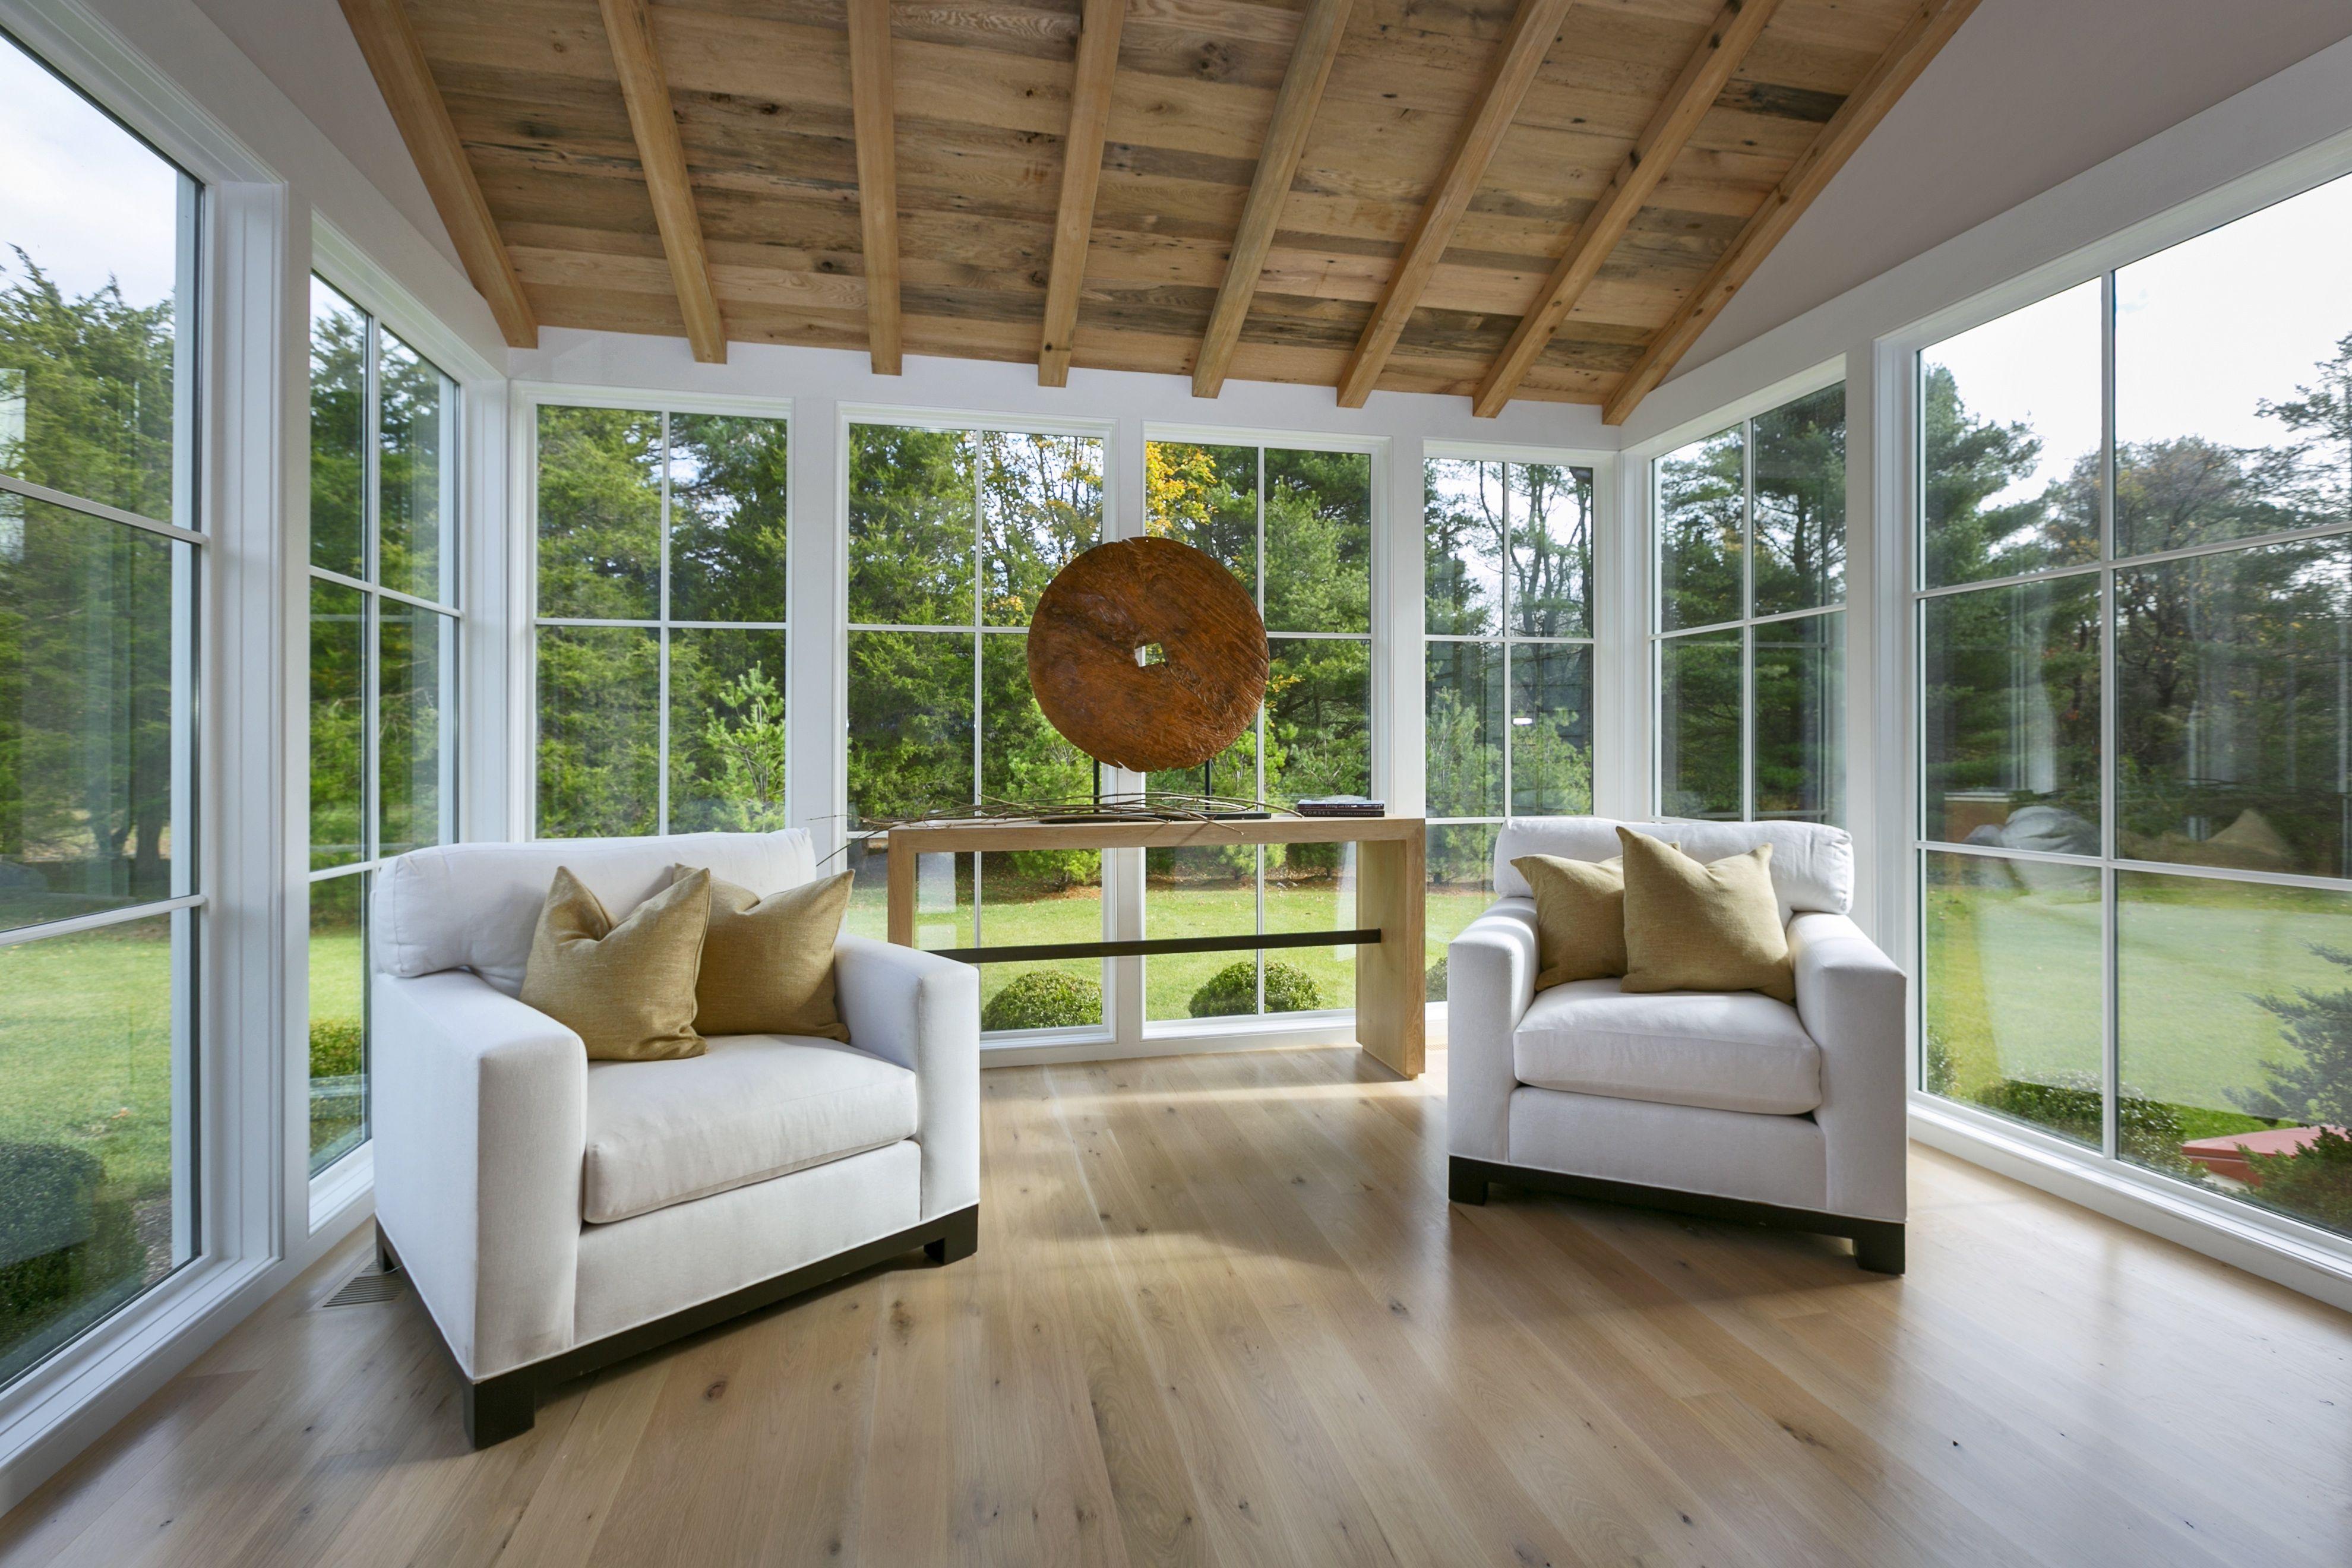 Sun Room | Pergola, Porch, Pergola designs